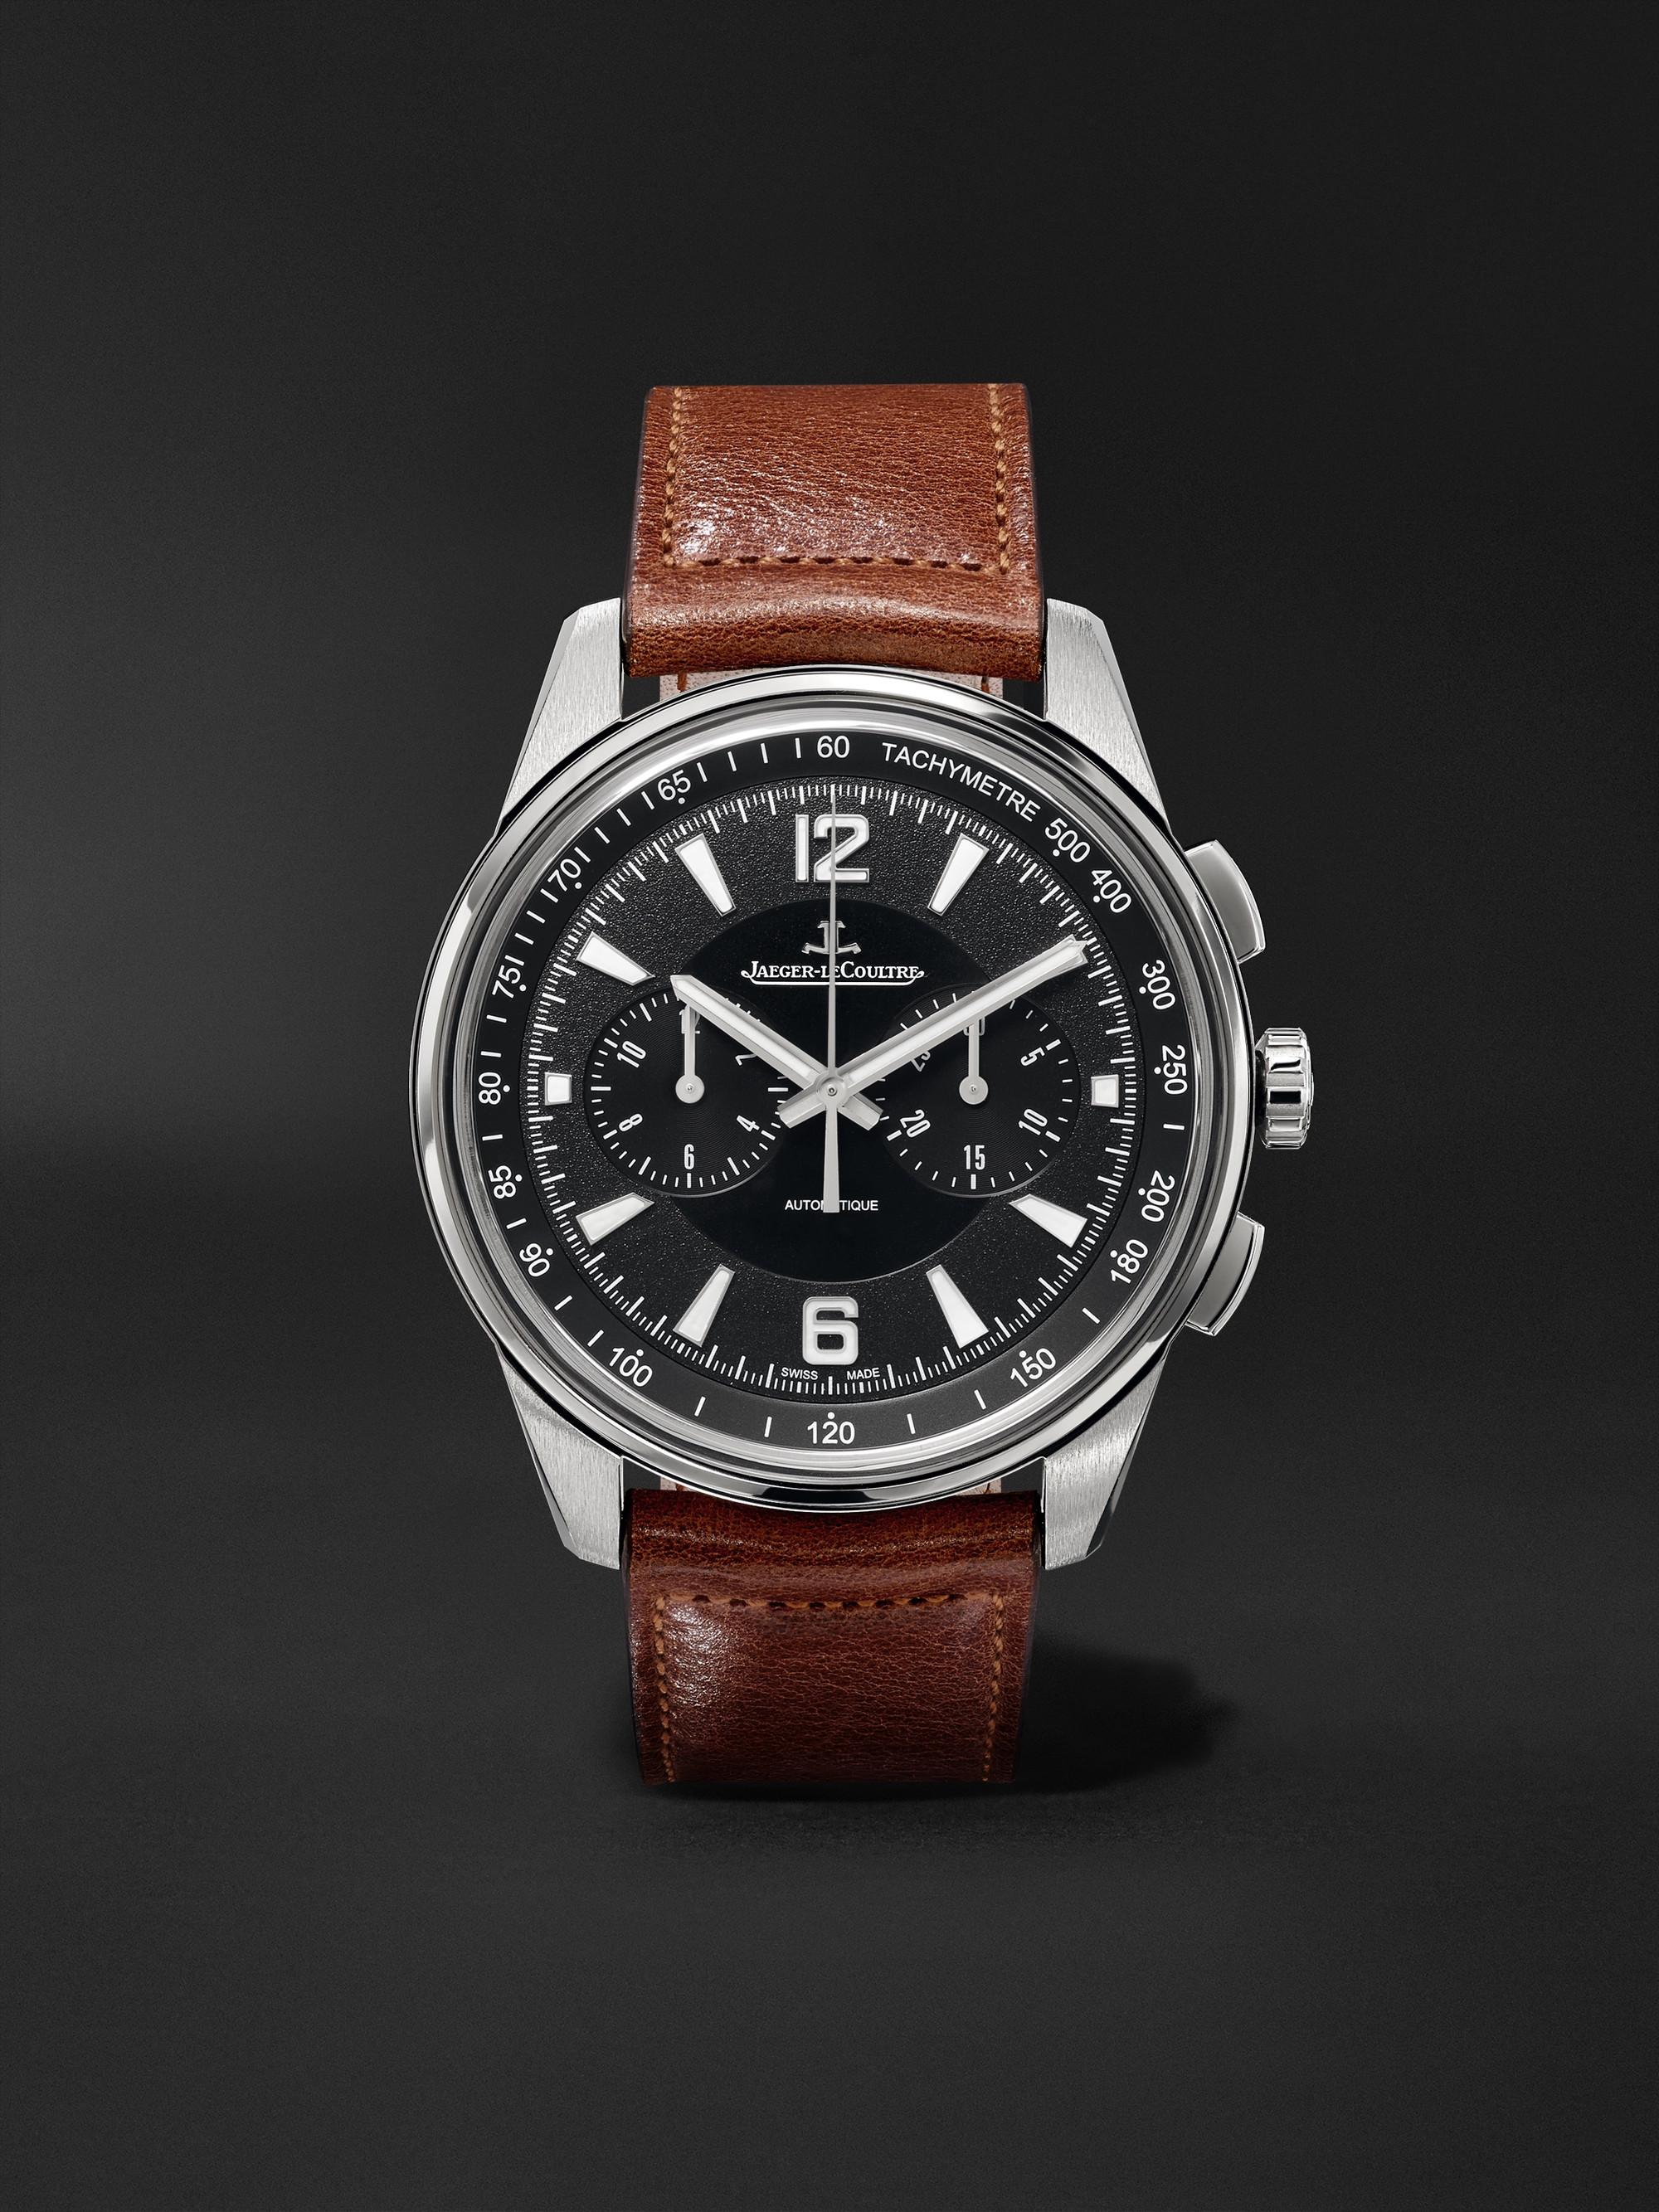 Jaeger-LeCoultre Polaris Automatic Chronograph Ref. No. Q9028471